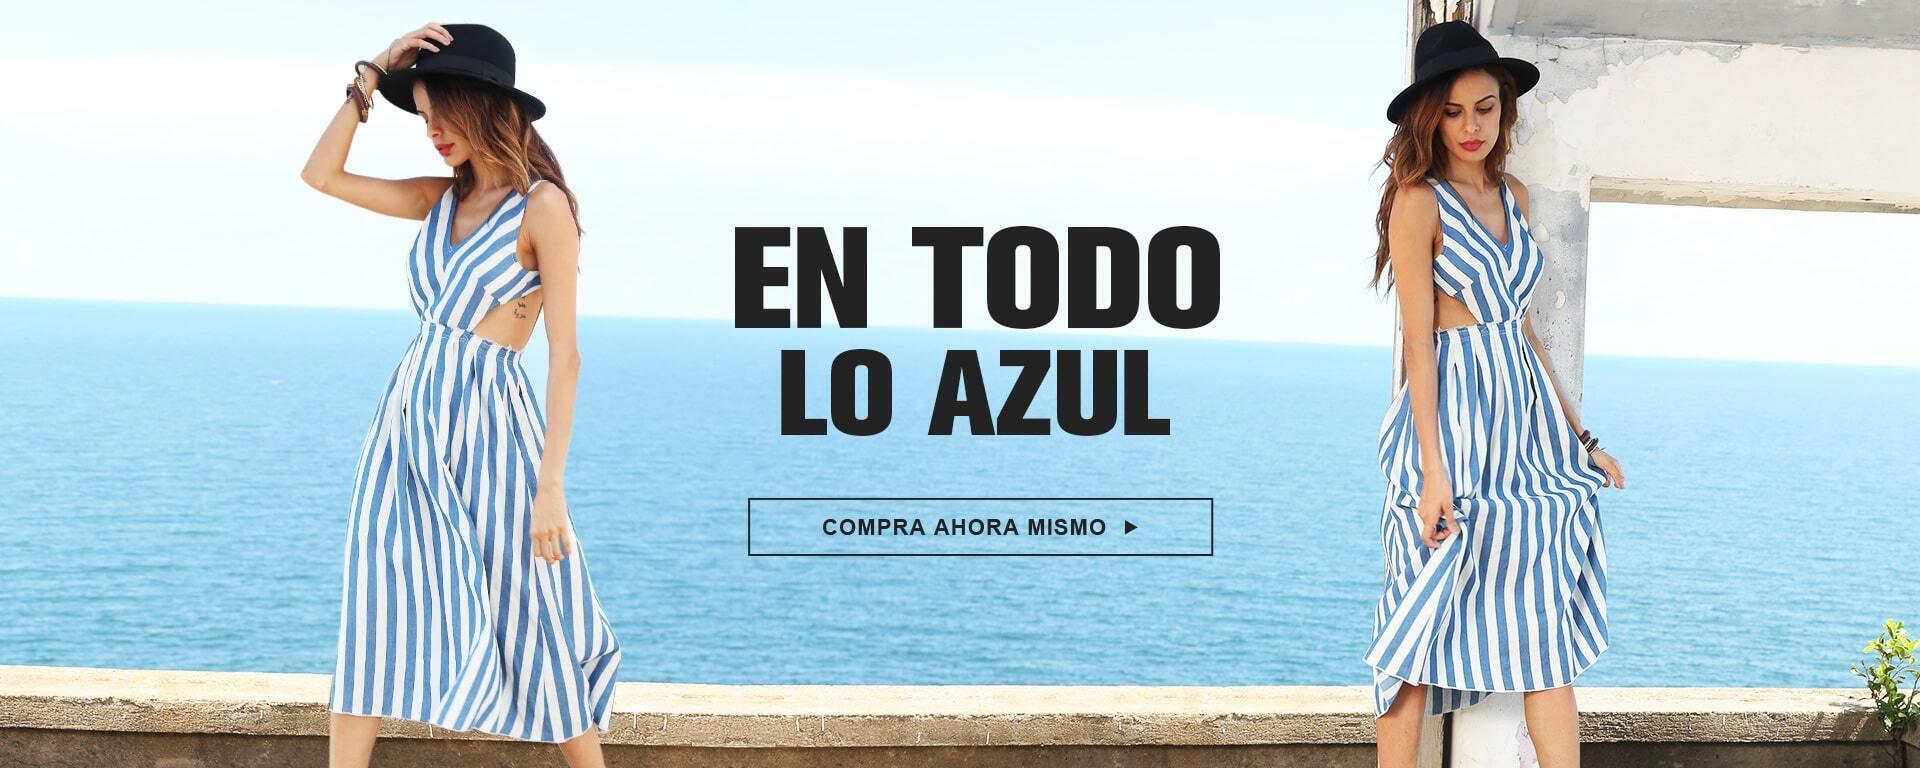 EN TODO LO AZUL